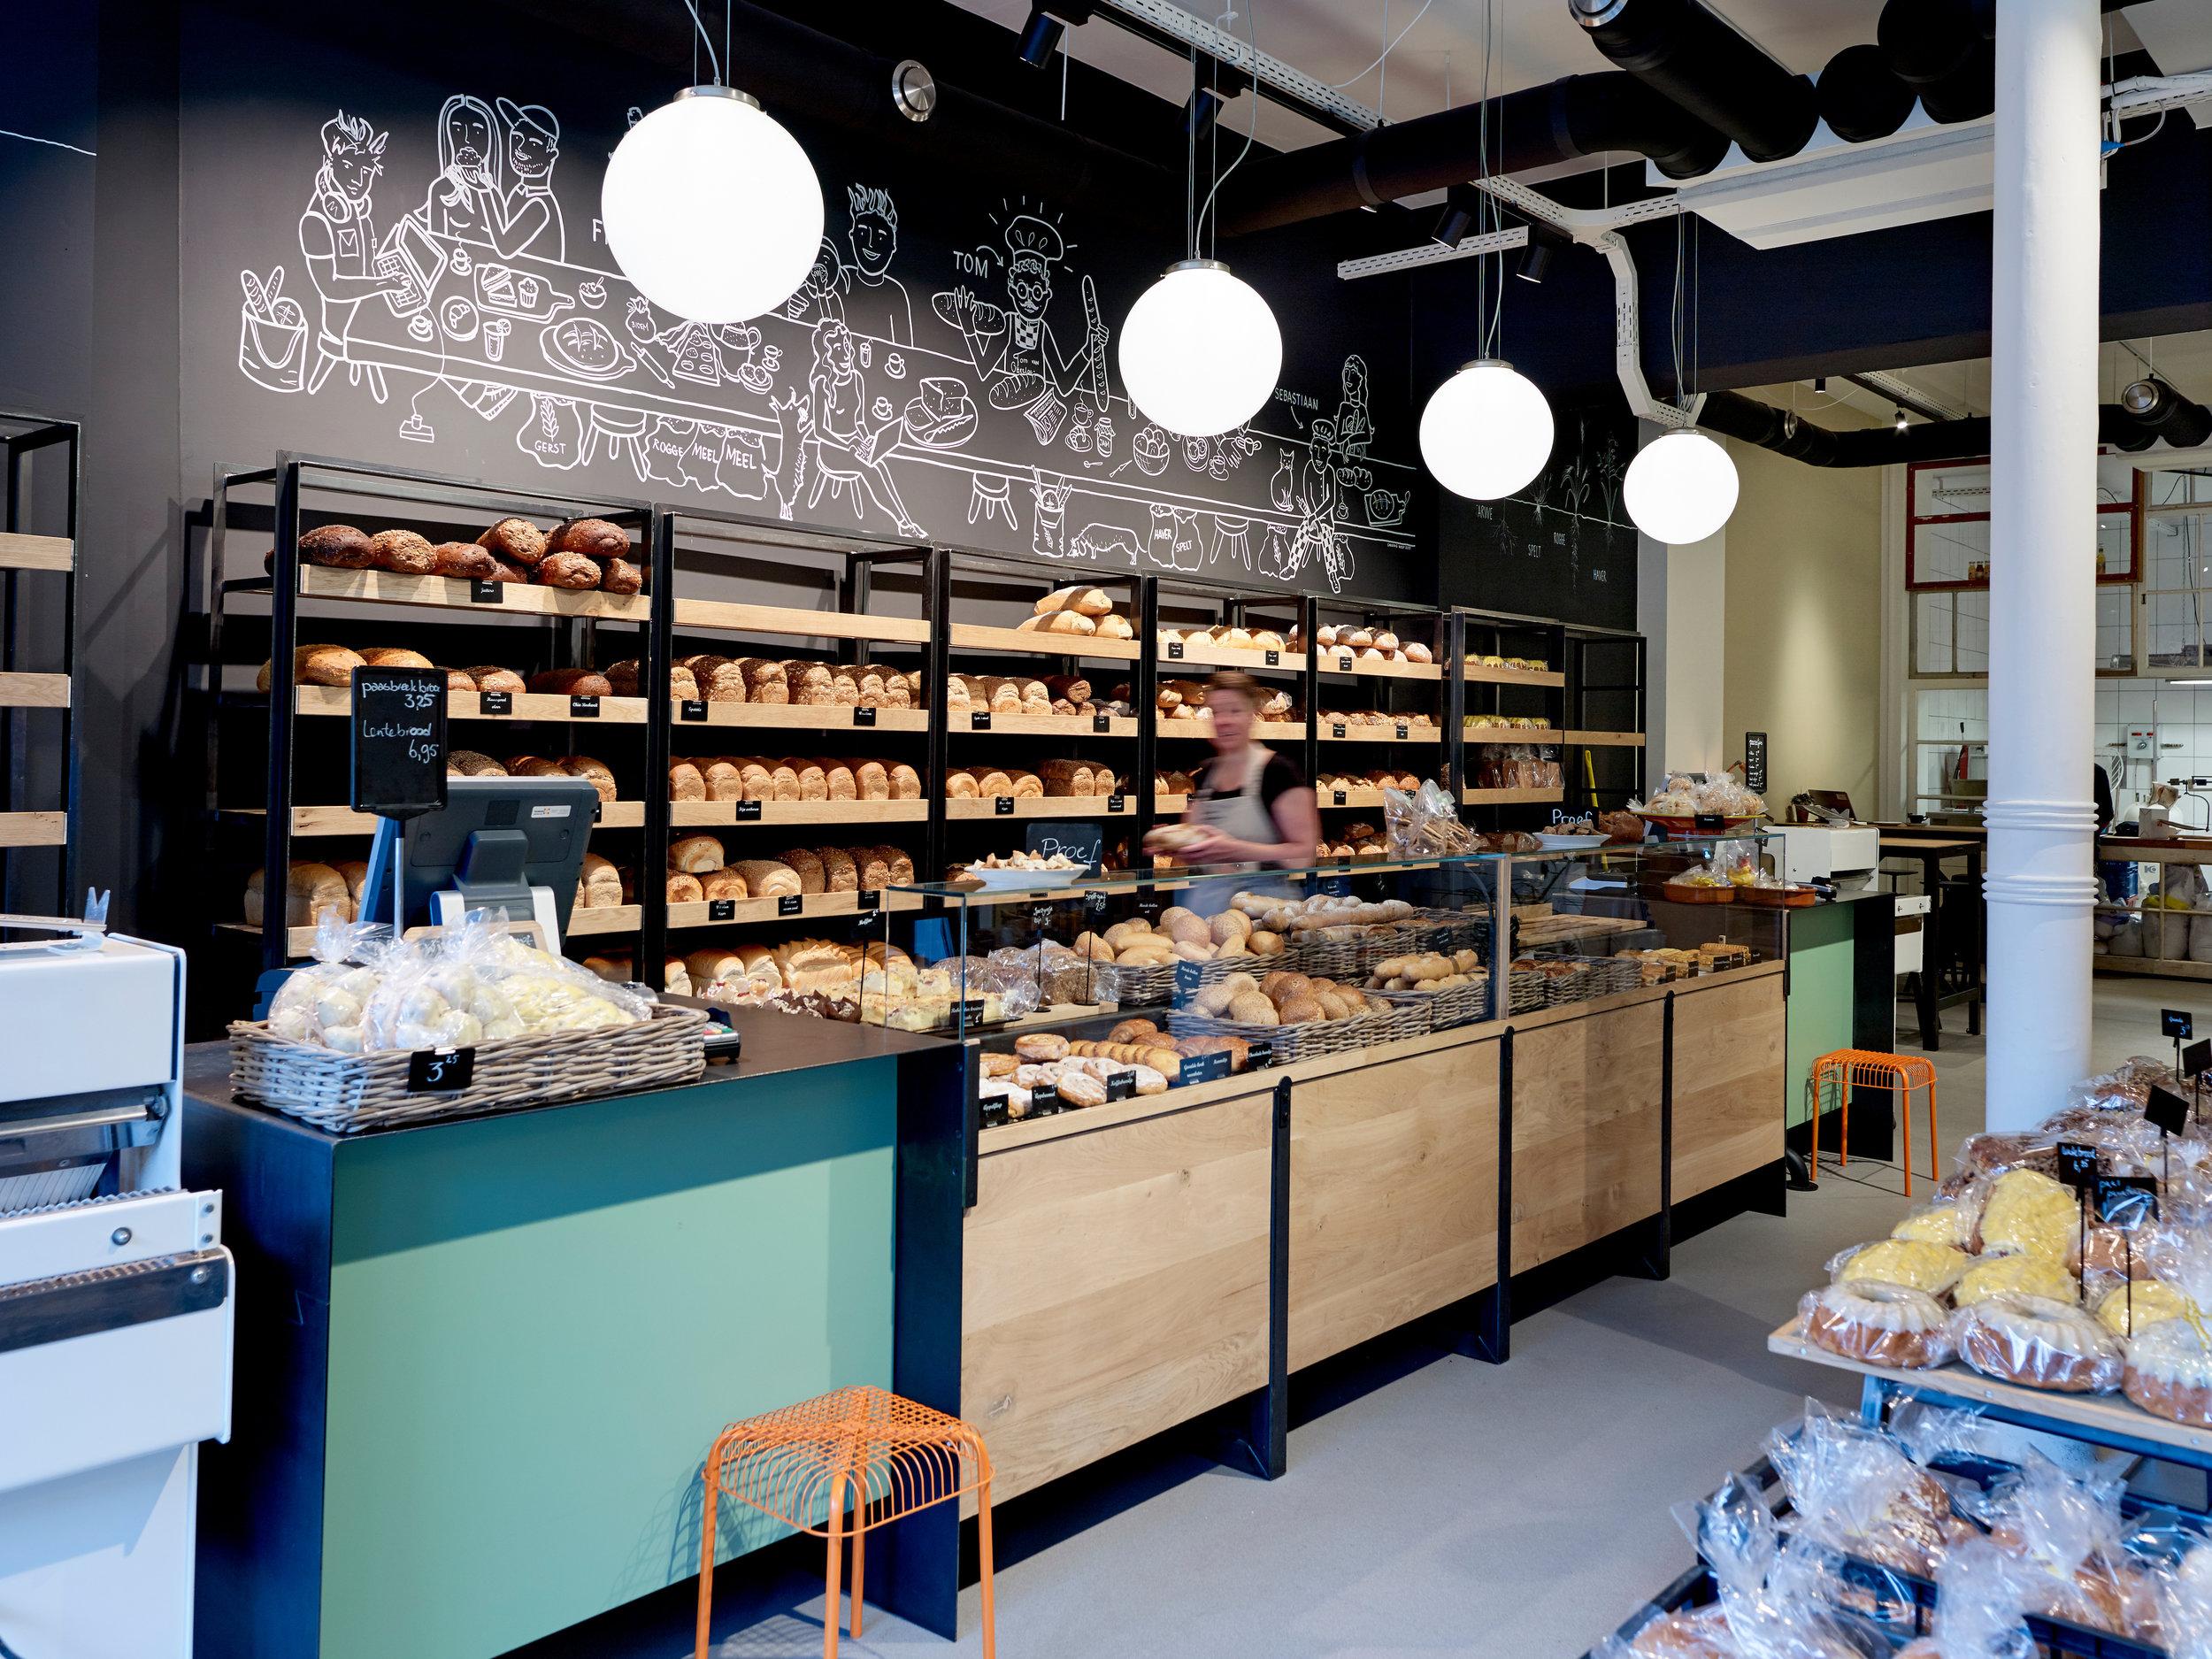 Bakkerij Tom van Otterloo - Alleen te besteden in de winkel in de Steenstraat!Bakkerij Tom van Otterloo werkt met een divers team medewerk(st)ers aan Puur ambachtelijk Brood & Meer. Goede smaak vinden wij het allerbelangrijkste. Brood moet lekker zijn. Wij bakken broden van verschillende (lokale) graansoorten en maken onze eigen desemculturen. Ons brood heeft hierdoor een eigen signatuur. Ook voor ontbijt, lunch of koffie met een lekkernij bent u van harte welkom!www.bakkerijtomvanotterloo.nl